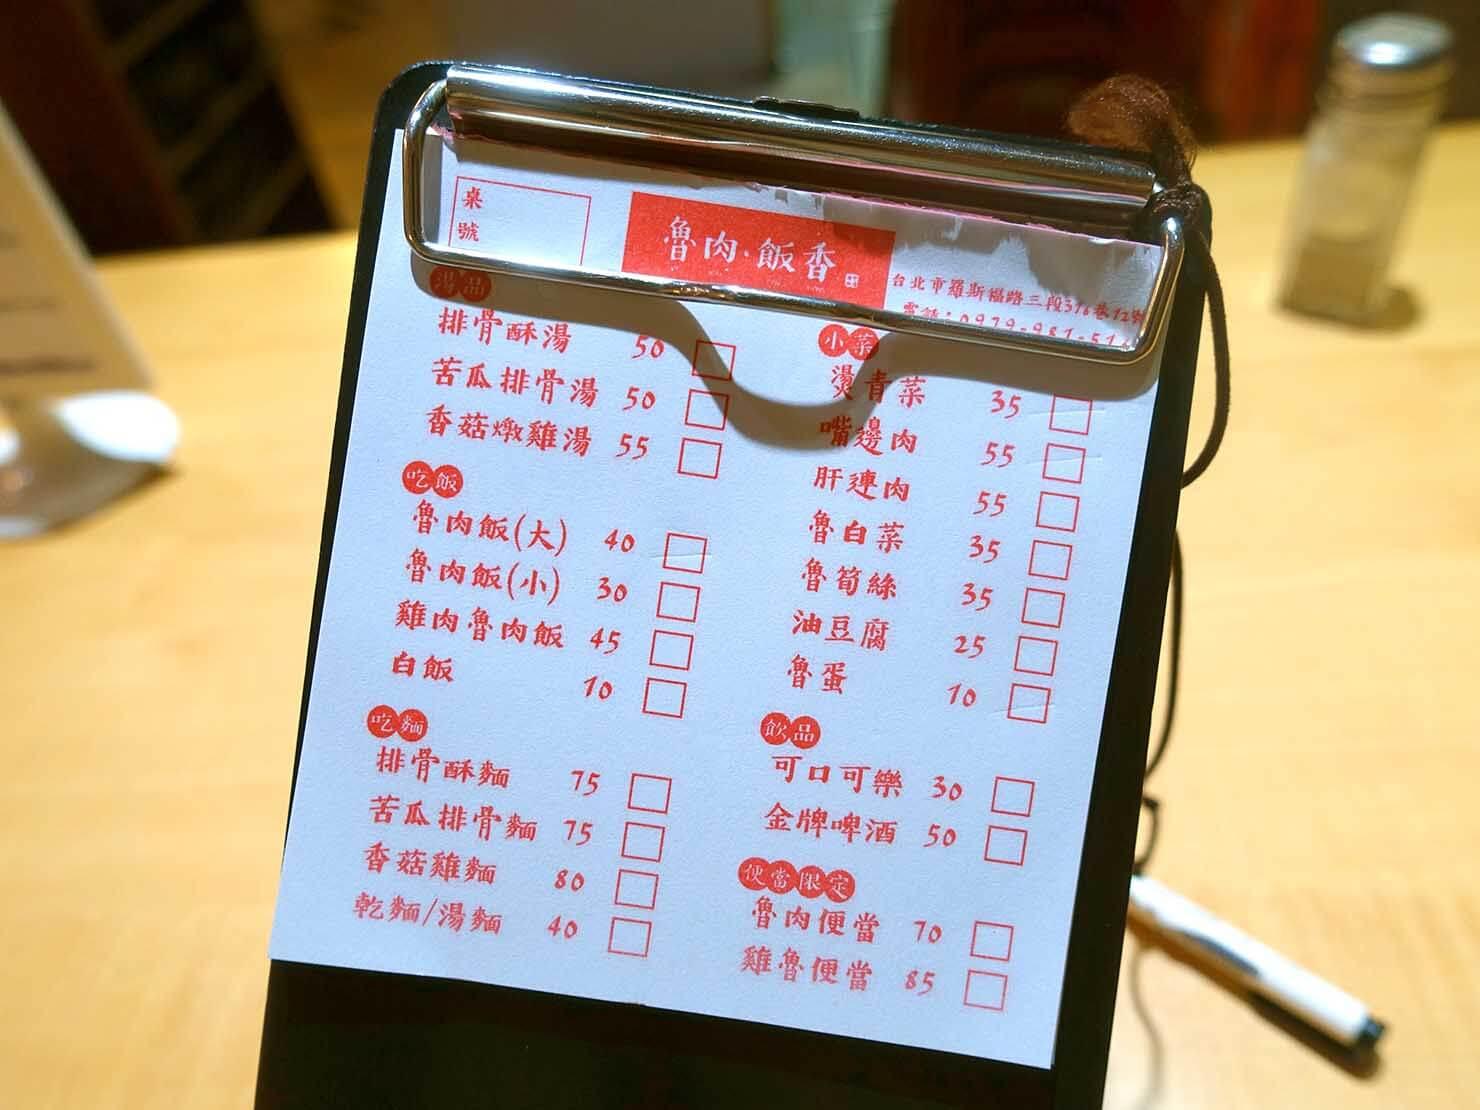 台北・公館夜市のおすすめグルメ店「魯肉・飯香」のメニュー